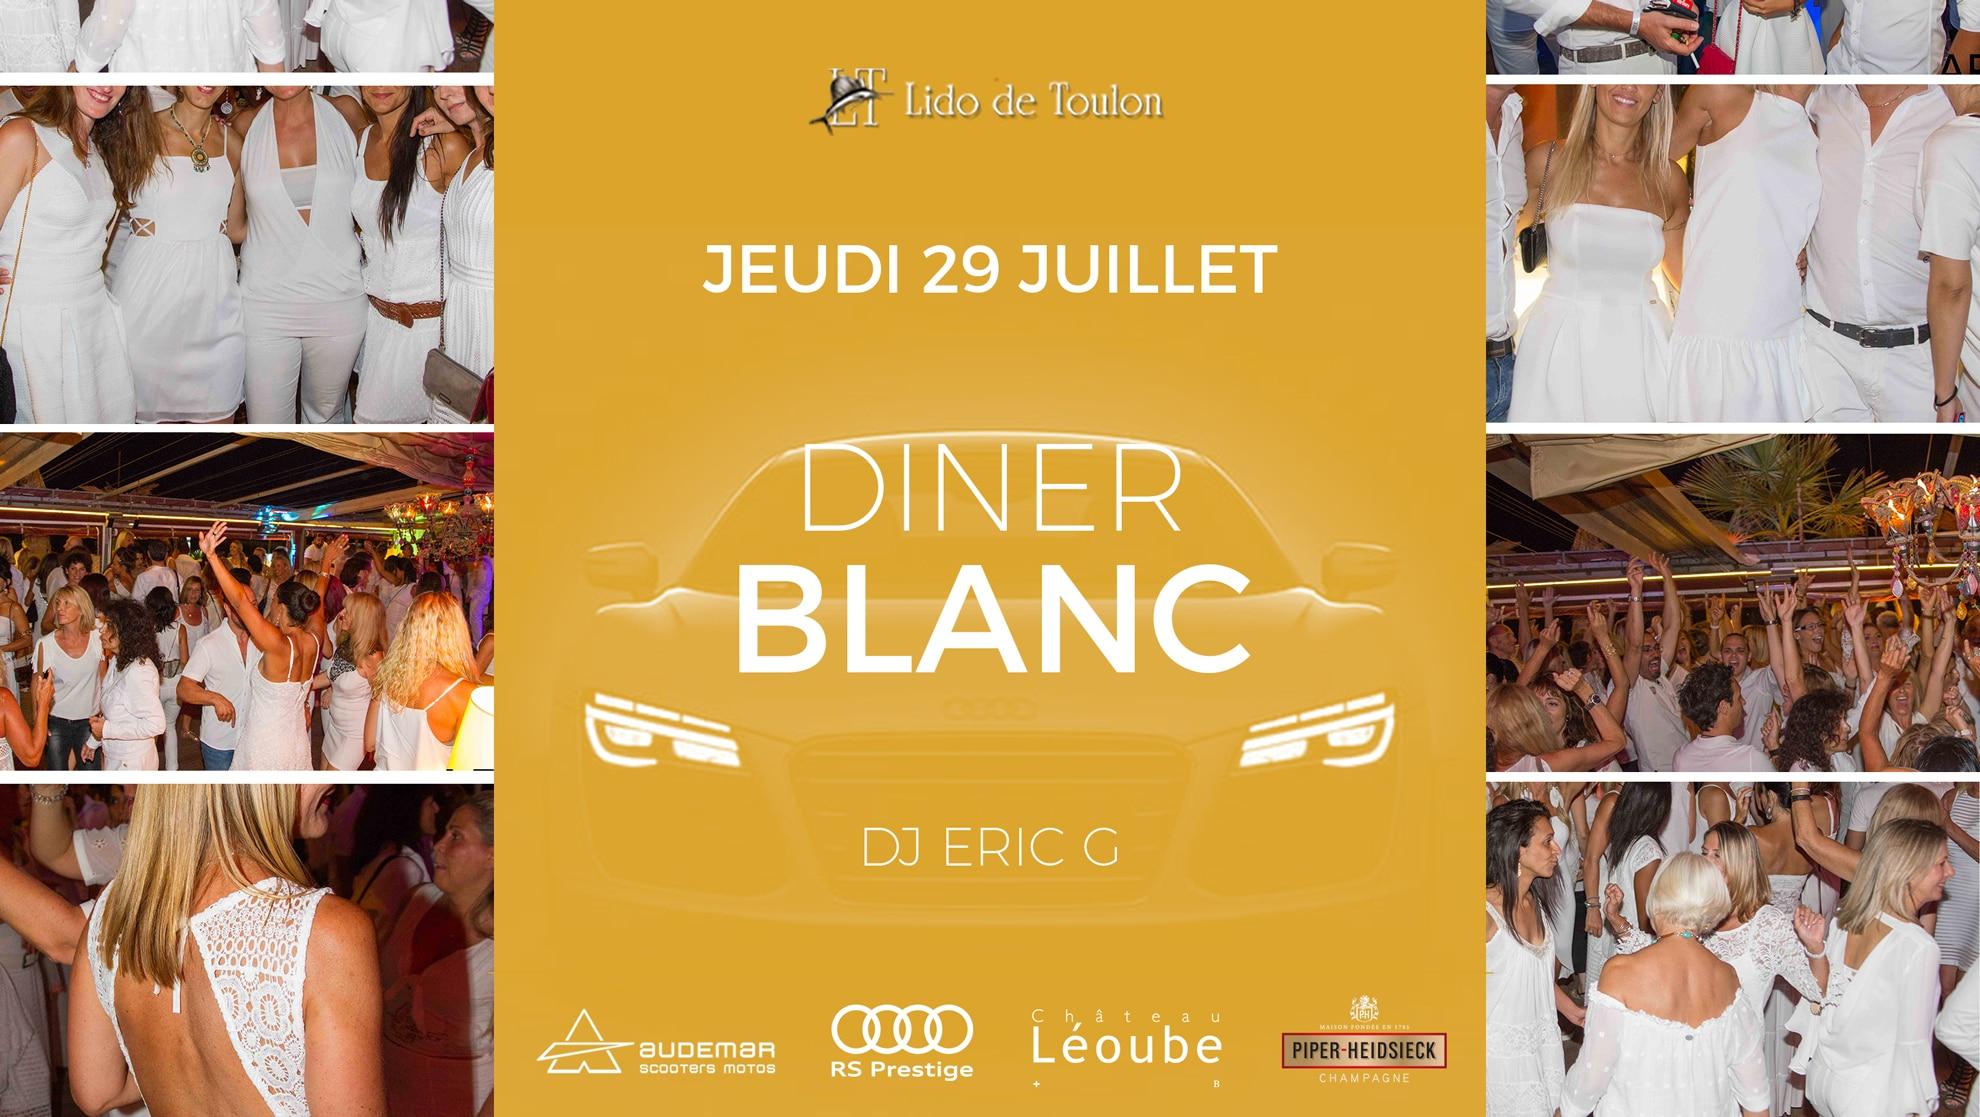 Diner-Blanc Lido de Toulon